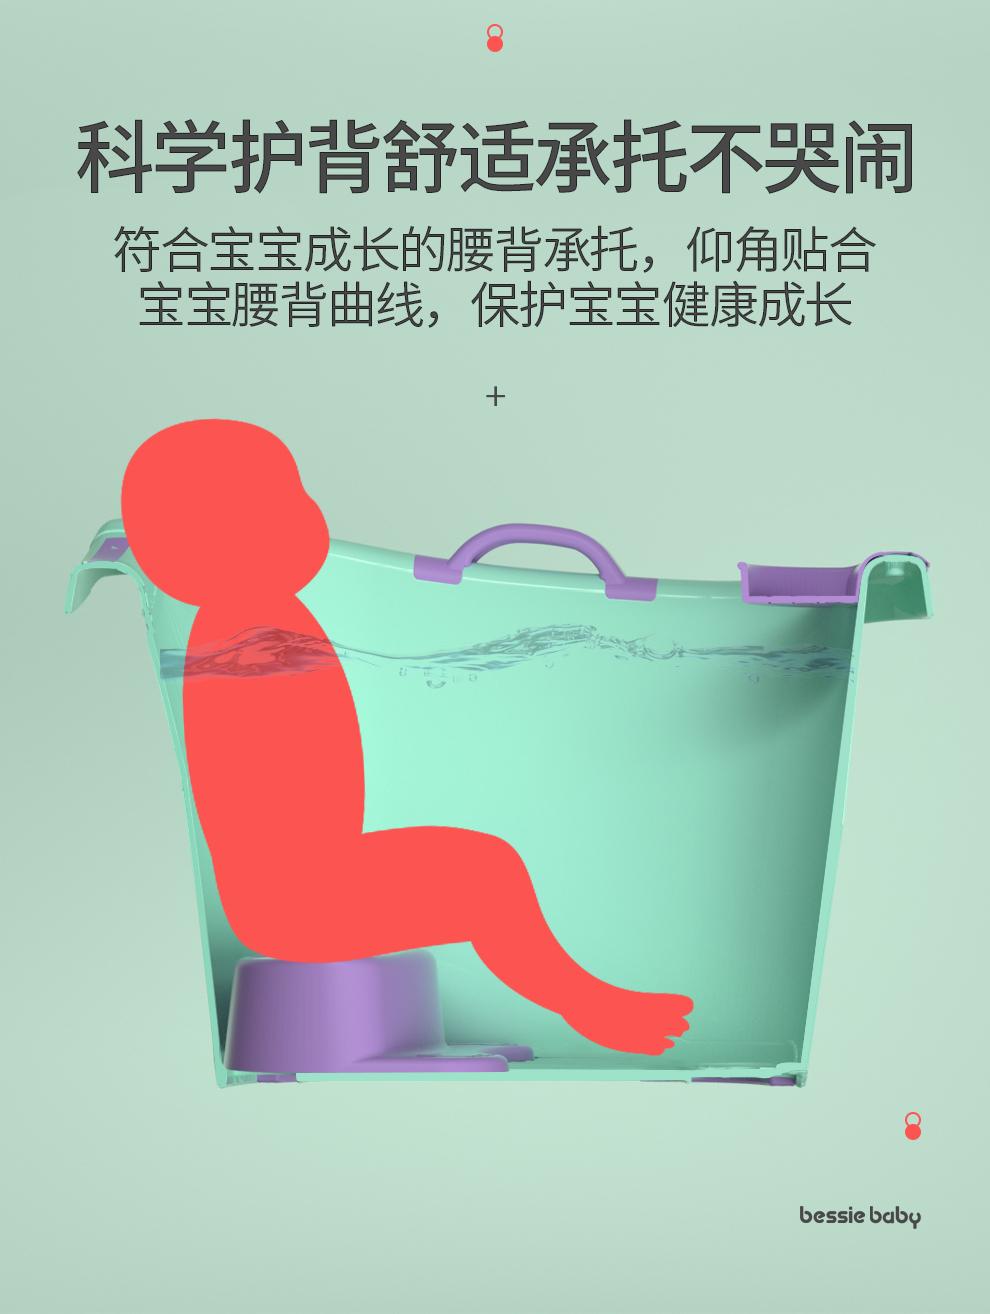 儿童泡澡桶宝宝婴儿游泳桶洗澡沐浴桶小孩子可坐家用加厚大号浴盆详细照片